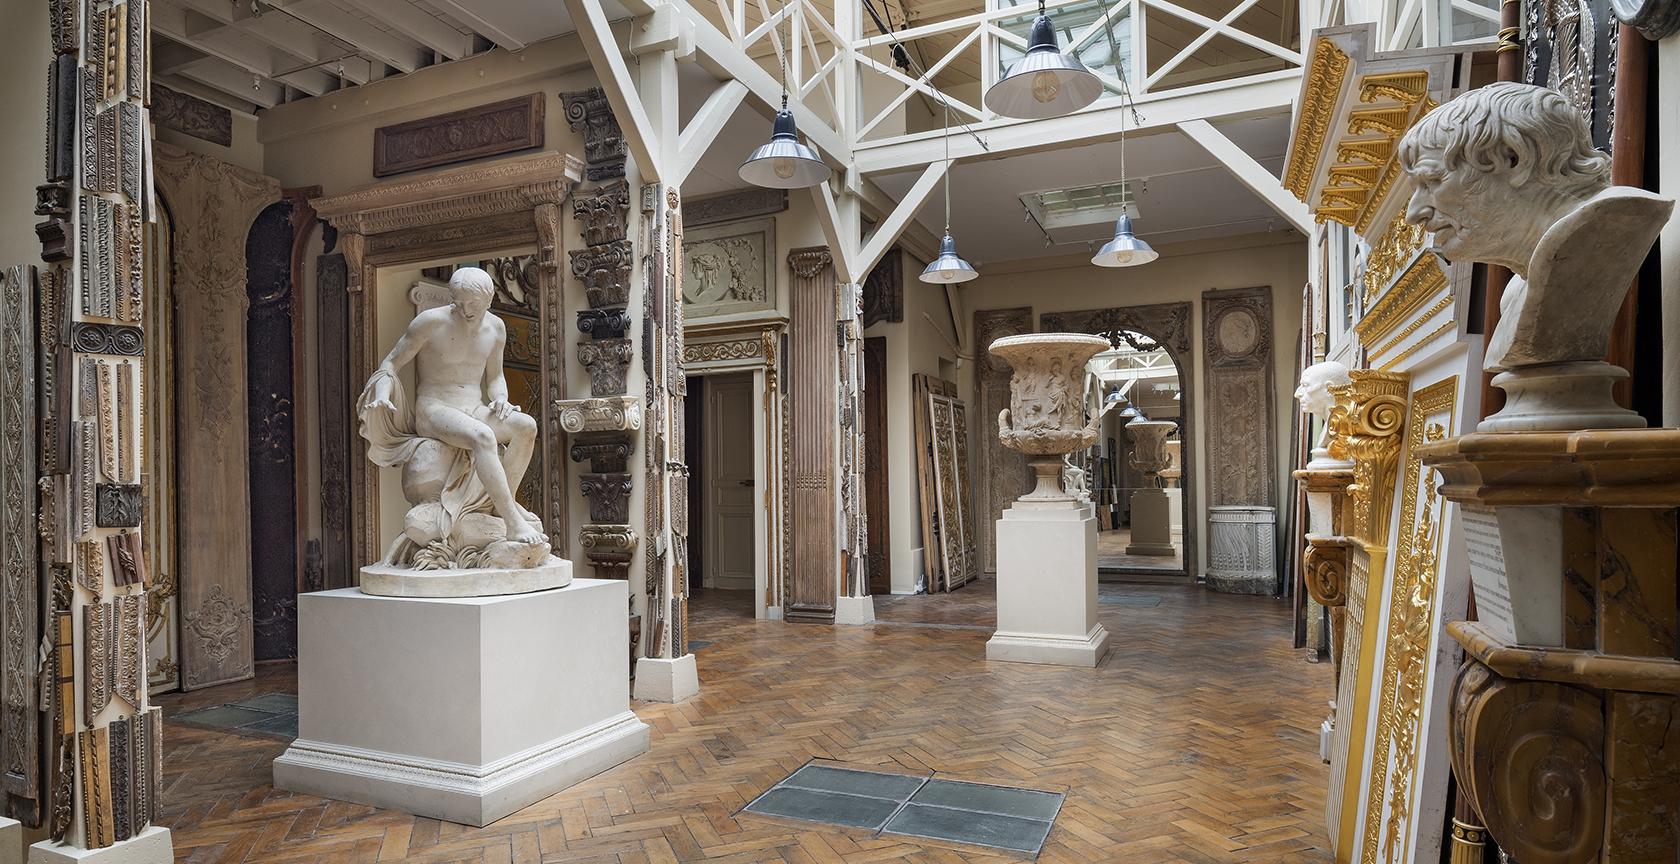 Musée particulier Féau, décors de boiseries, sculptures, fonds historique d'ornements